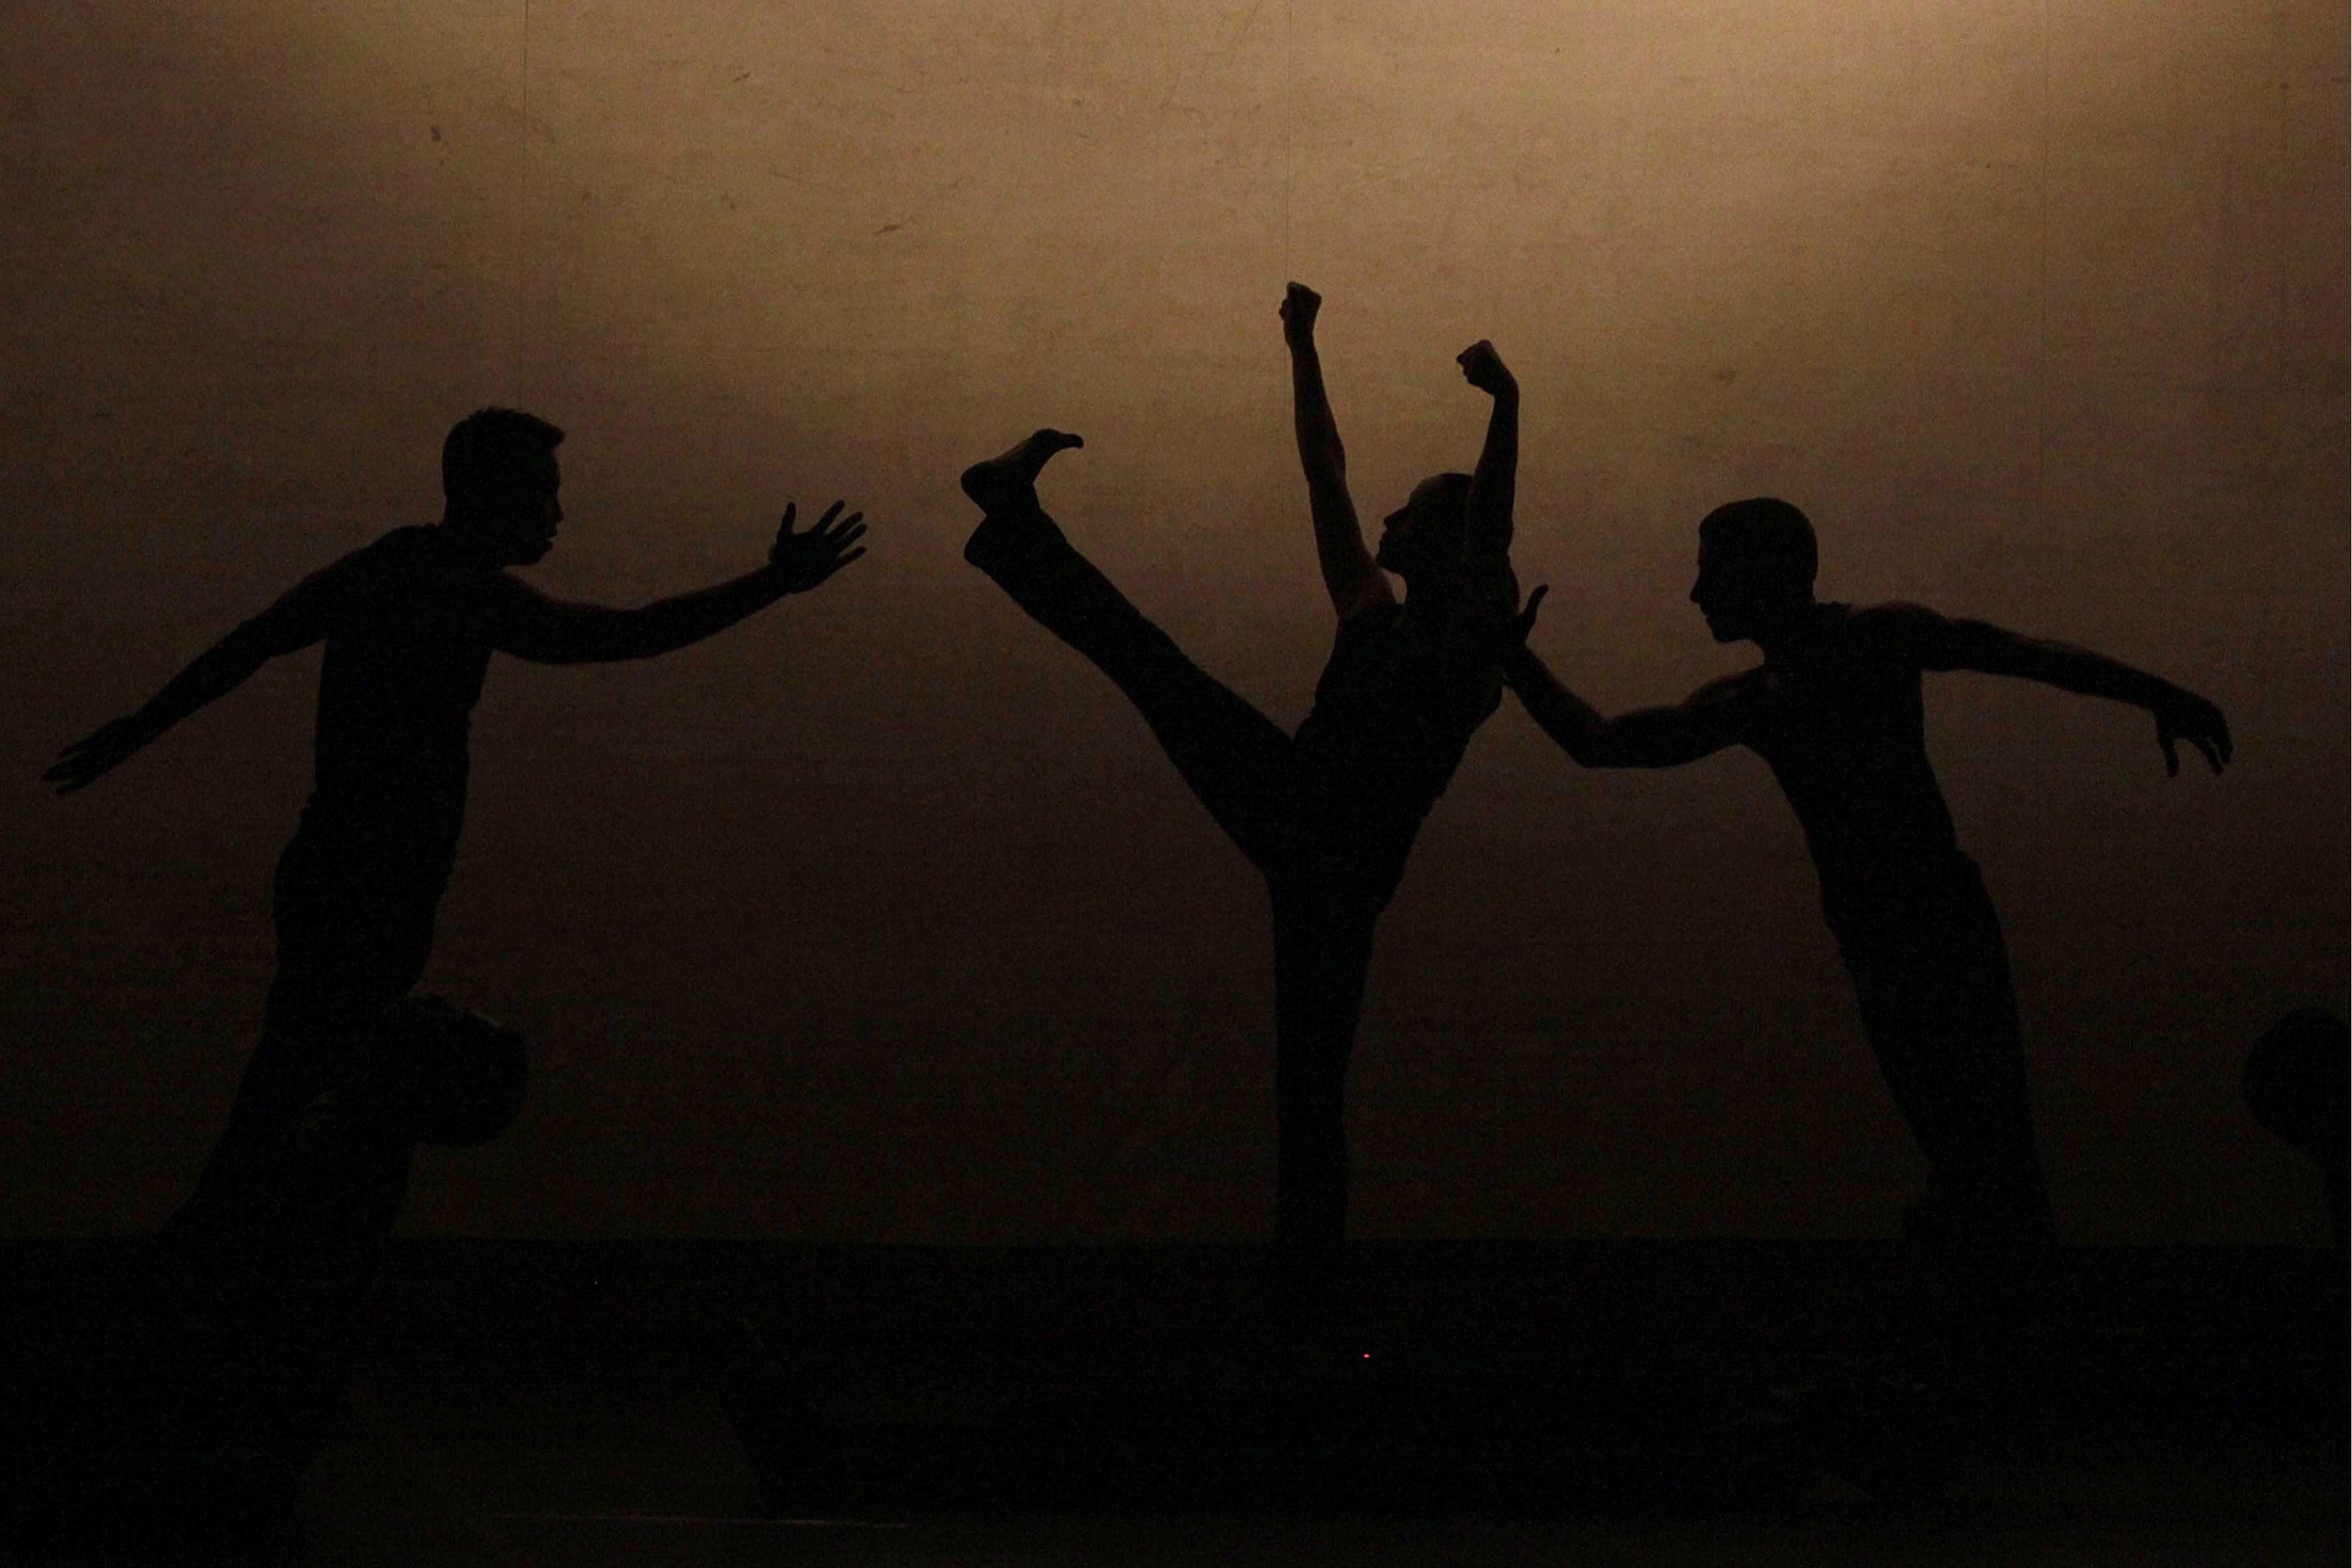 Companhia de bailado contemporâneo ganha apoios e renasce com espetáculo